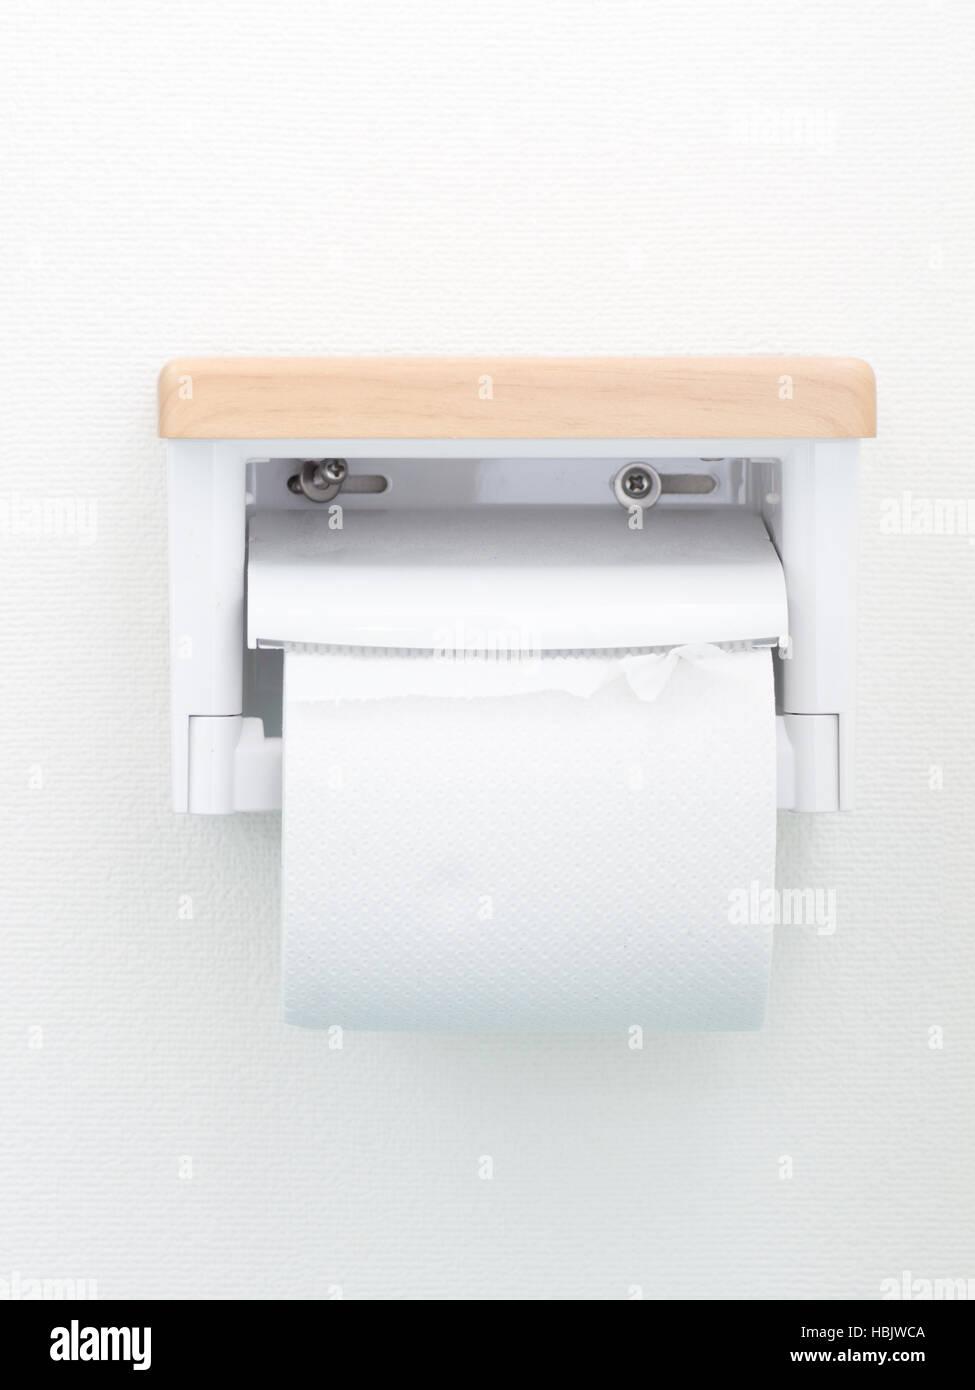 japanese toilet paper holder. Japanese domestic toiletpaper holder on white wall Stock Photo